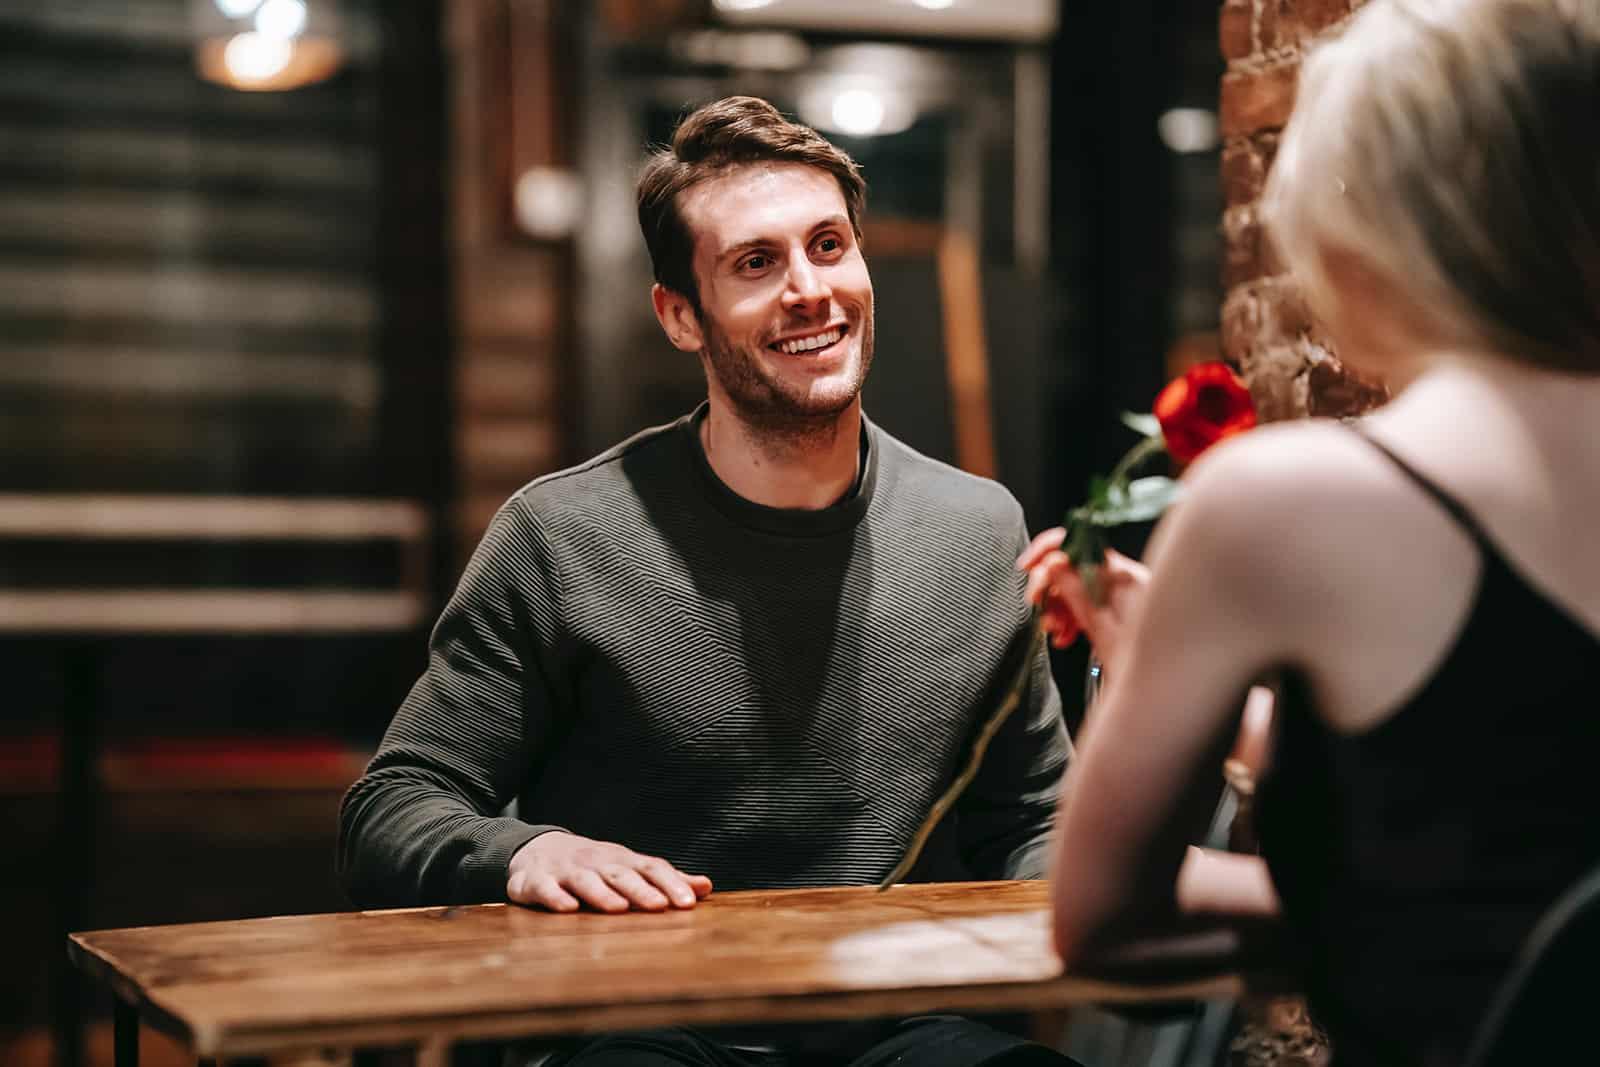 Un homme souriant regardant une femme assise avec lui et sentant la rose rouge